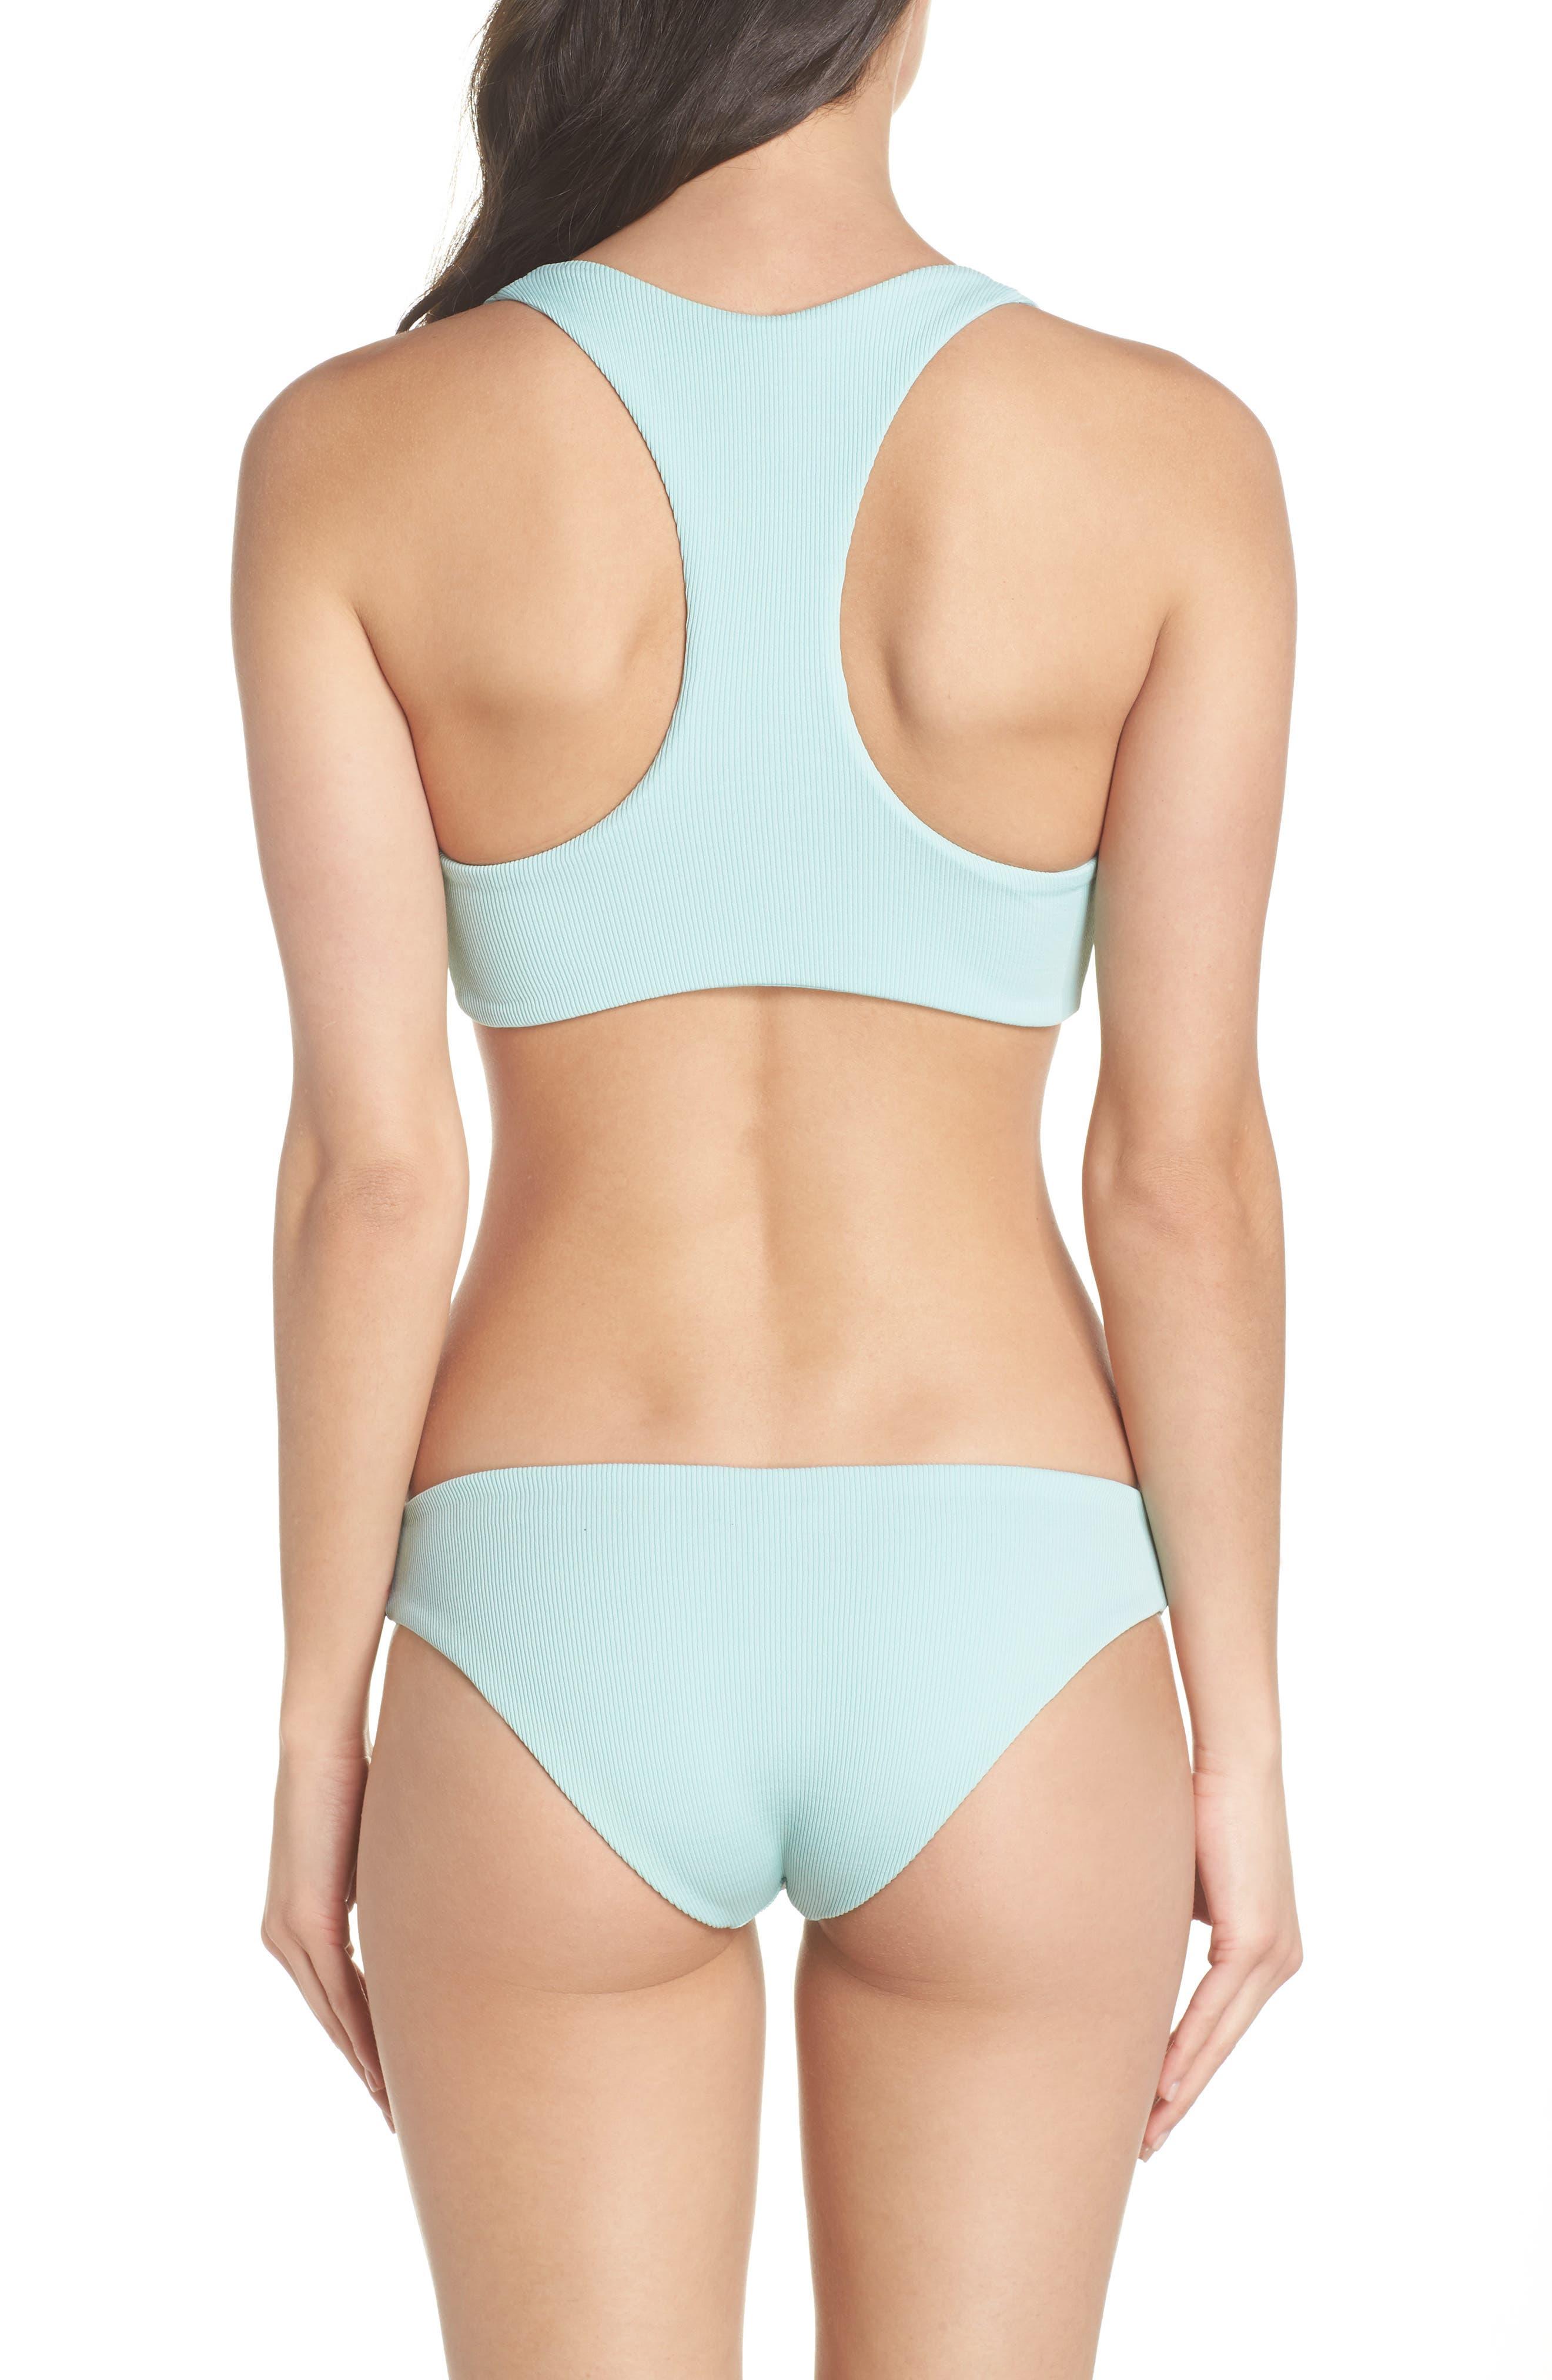 Tara Ribbed Bikini Top,                             Alternate thumbnail 6, color,                             Light Turquoise